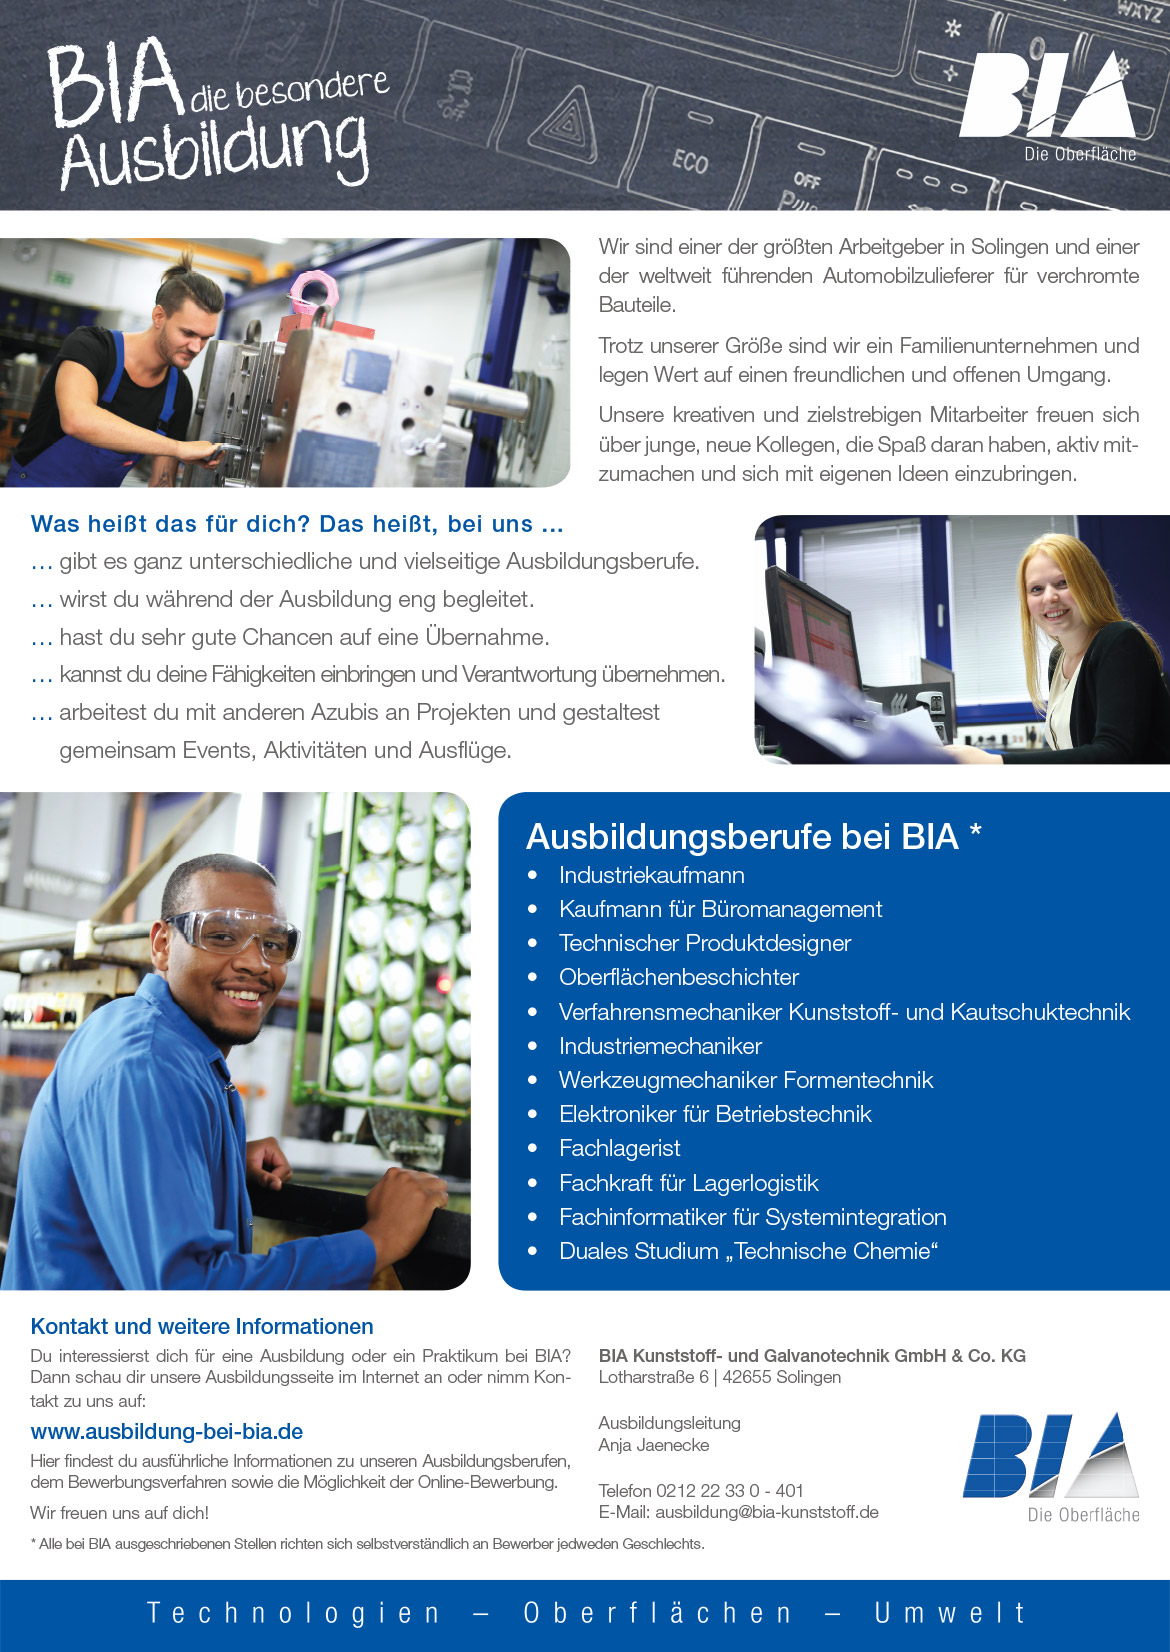 Ausbildungsplakat: BIA Kunststoff- und Galvanotechnik